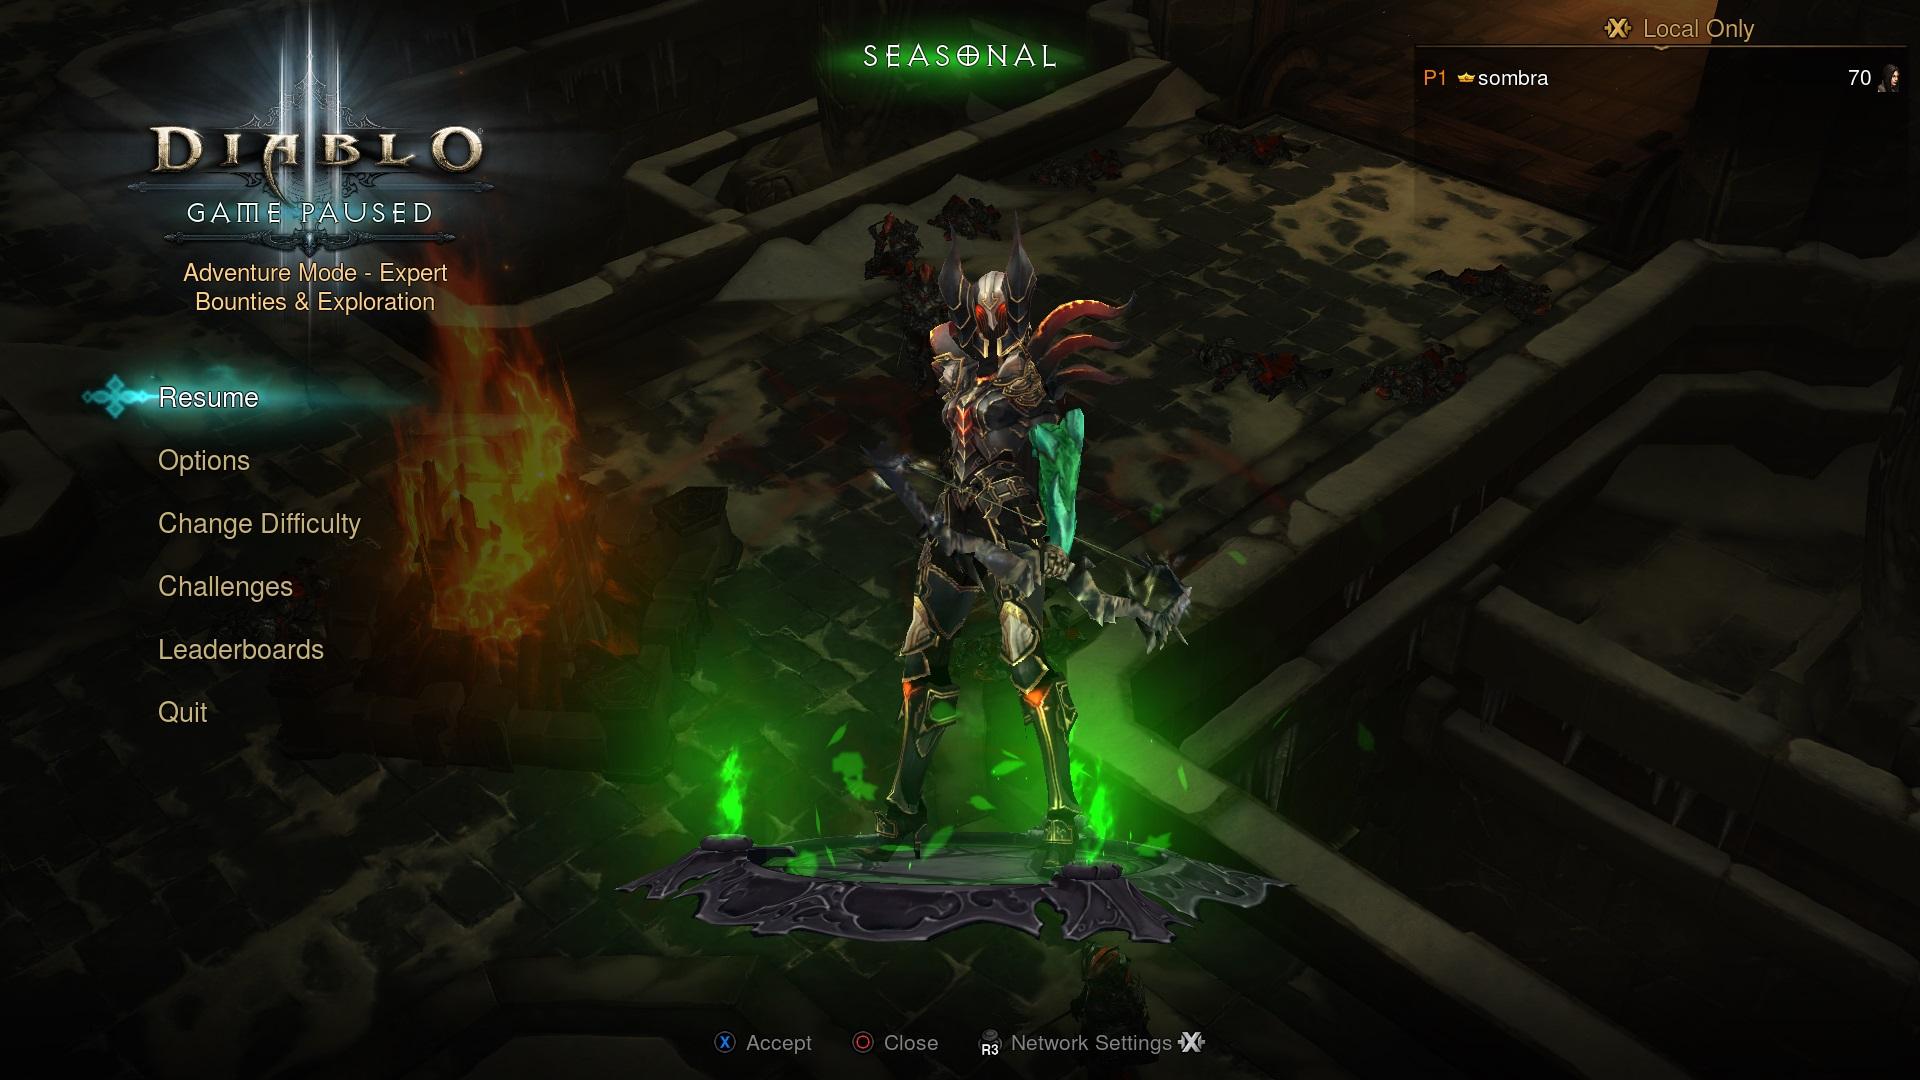 Diablo III: сезоны на консолях; новый интерфейс для материалов и билдов - GlassCannon